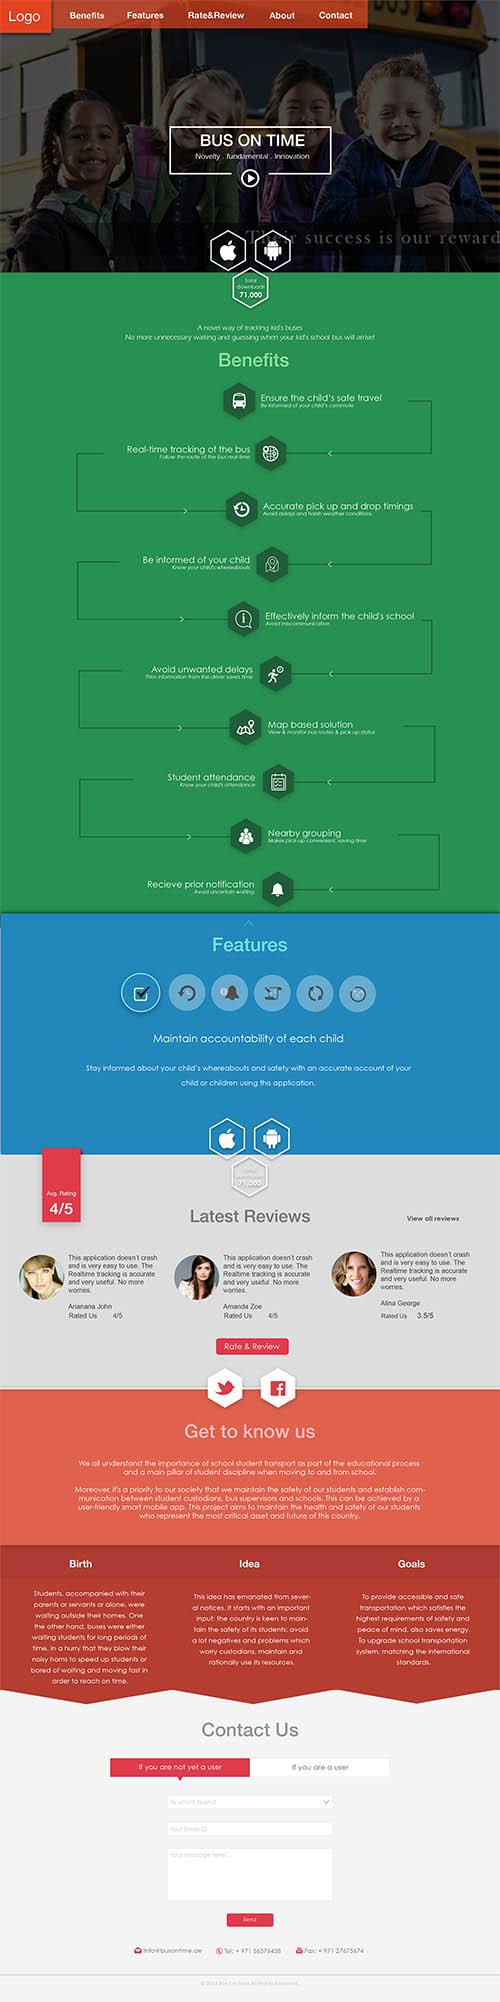 Website Design Mock By Apoorva Nair